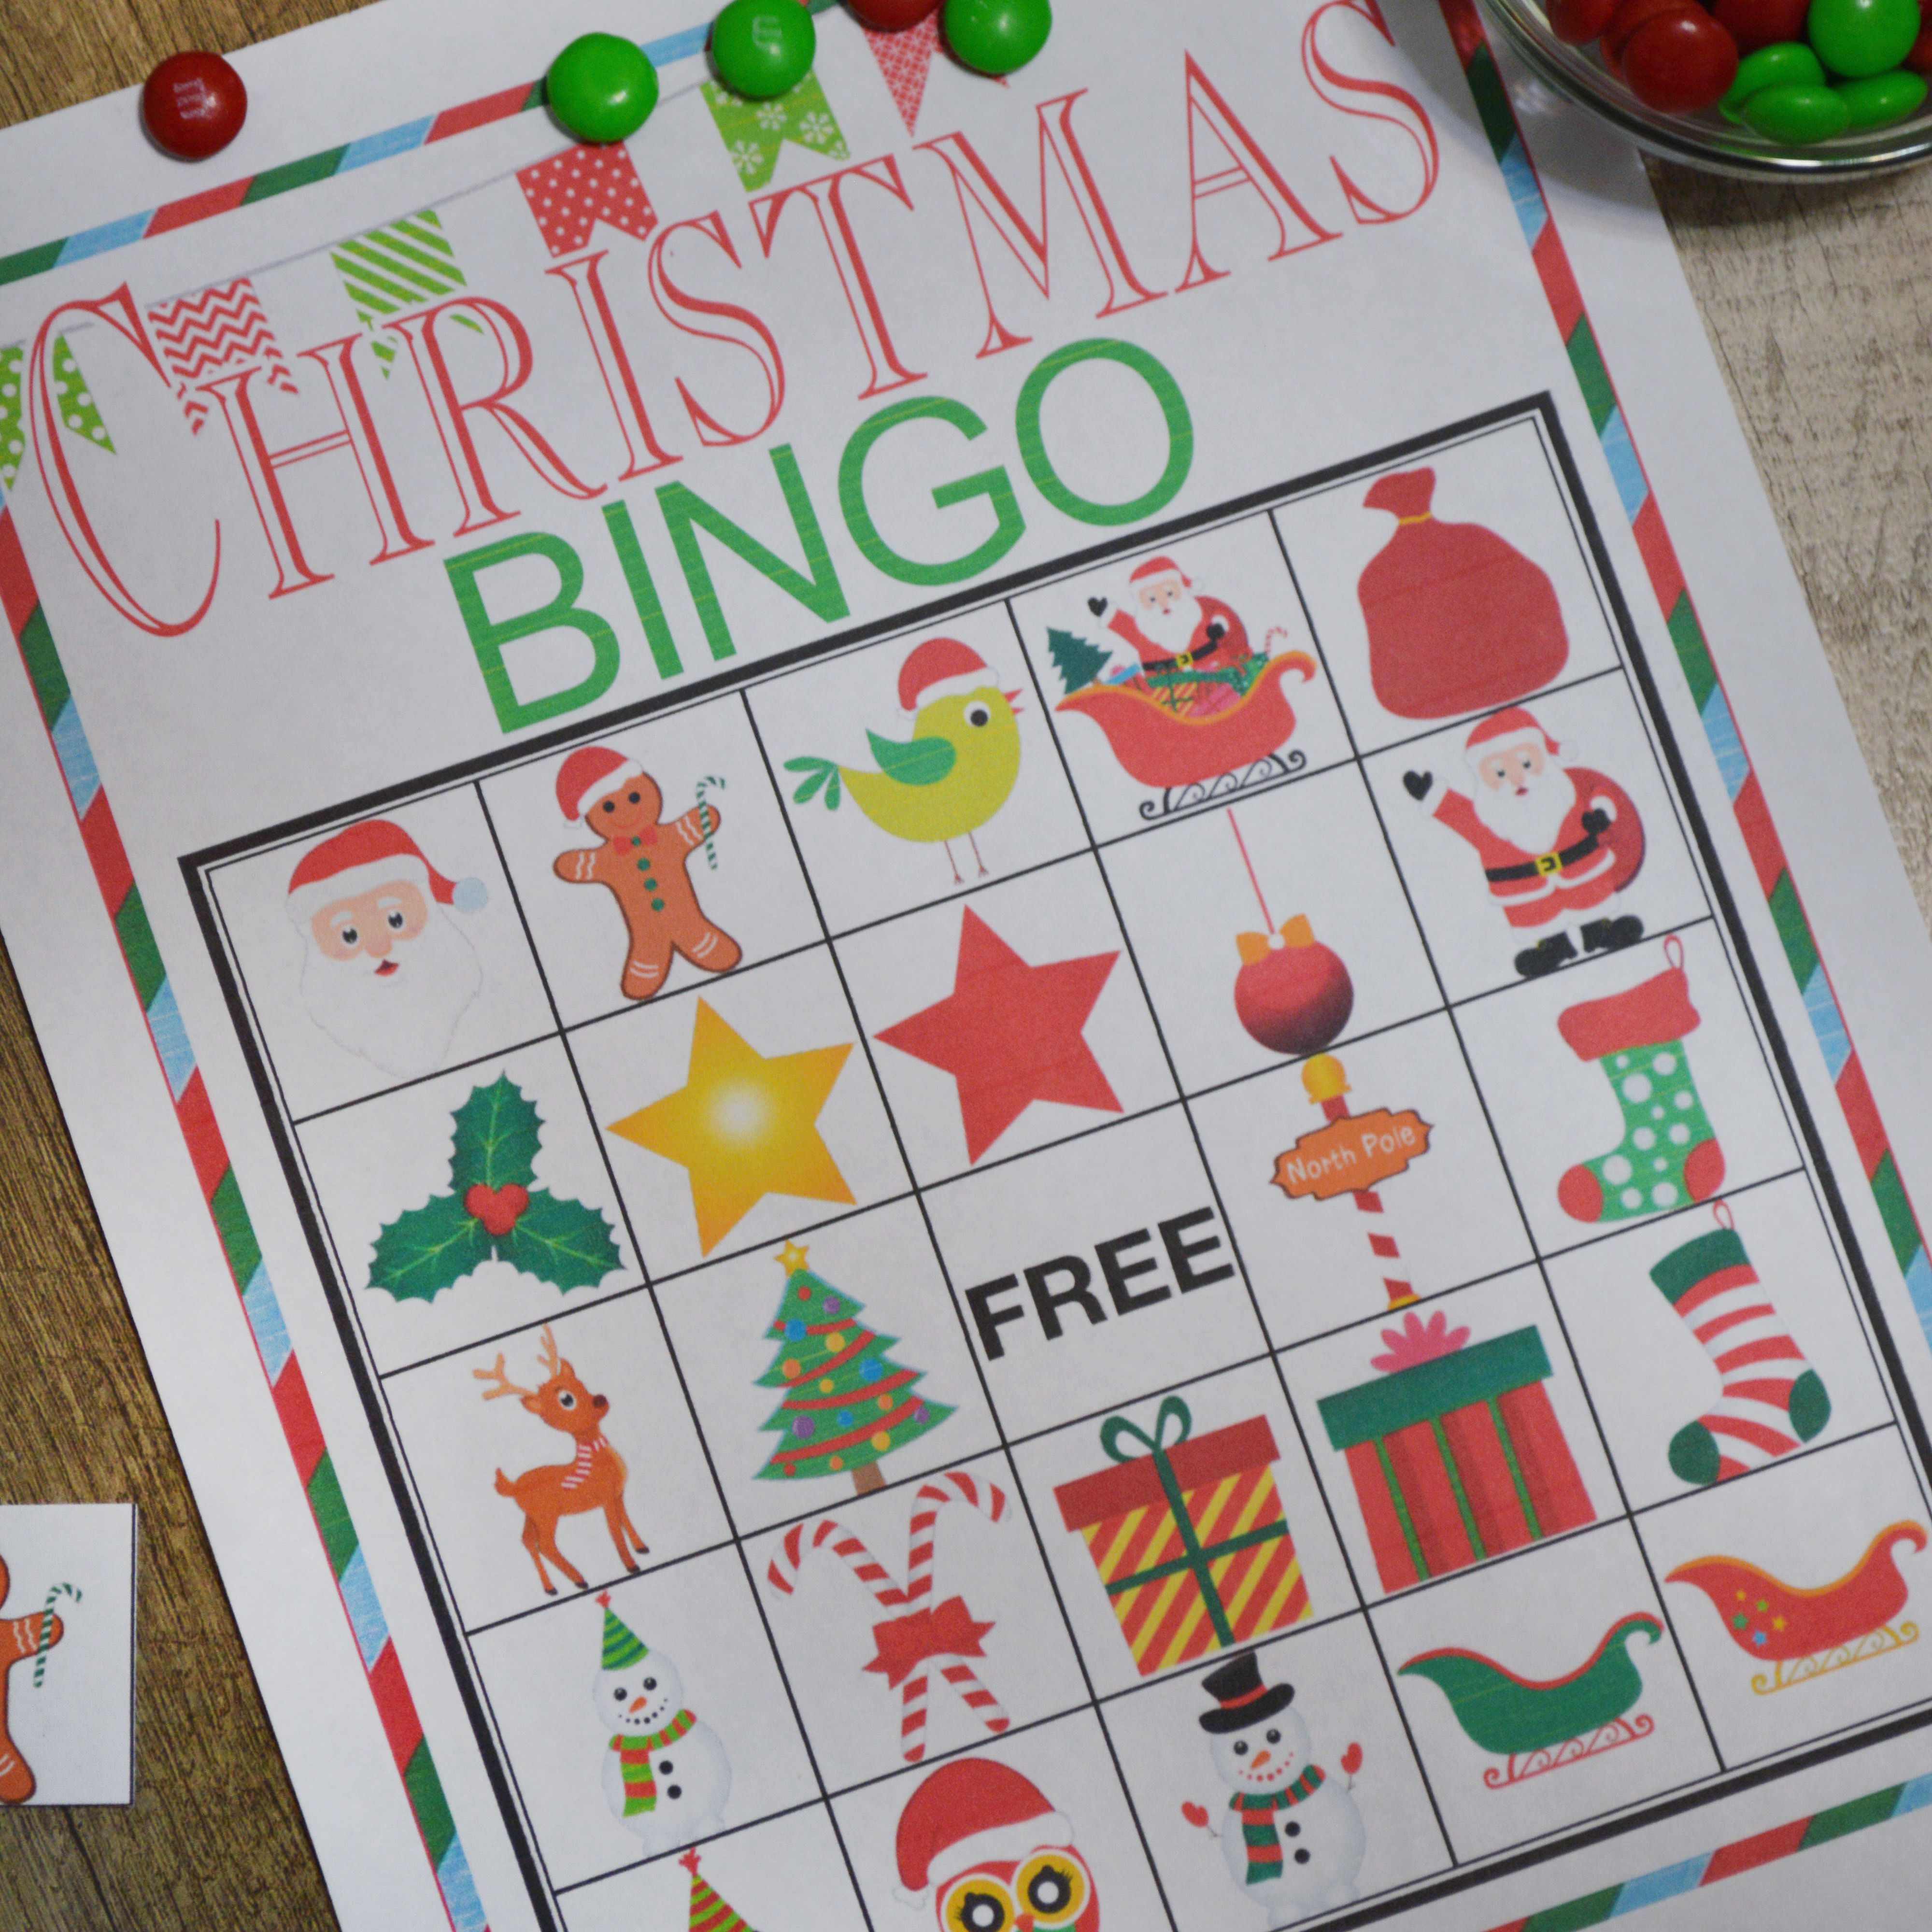 Free Printable Christmas Bingo Cards For Adults: 11 Free, Printable Christmas Bingo Games For The Family